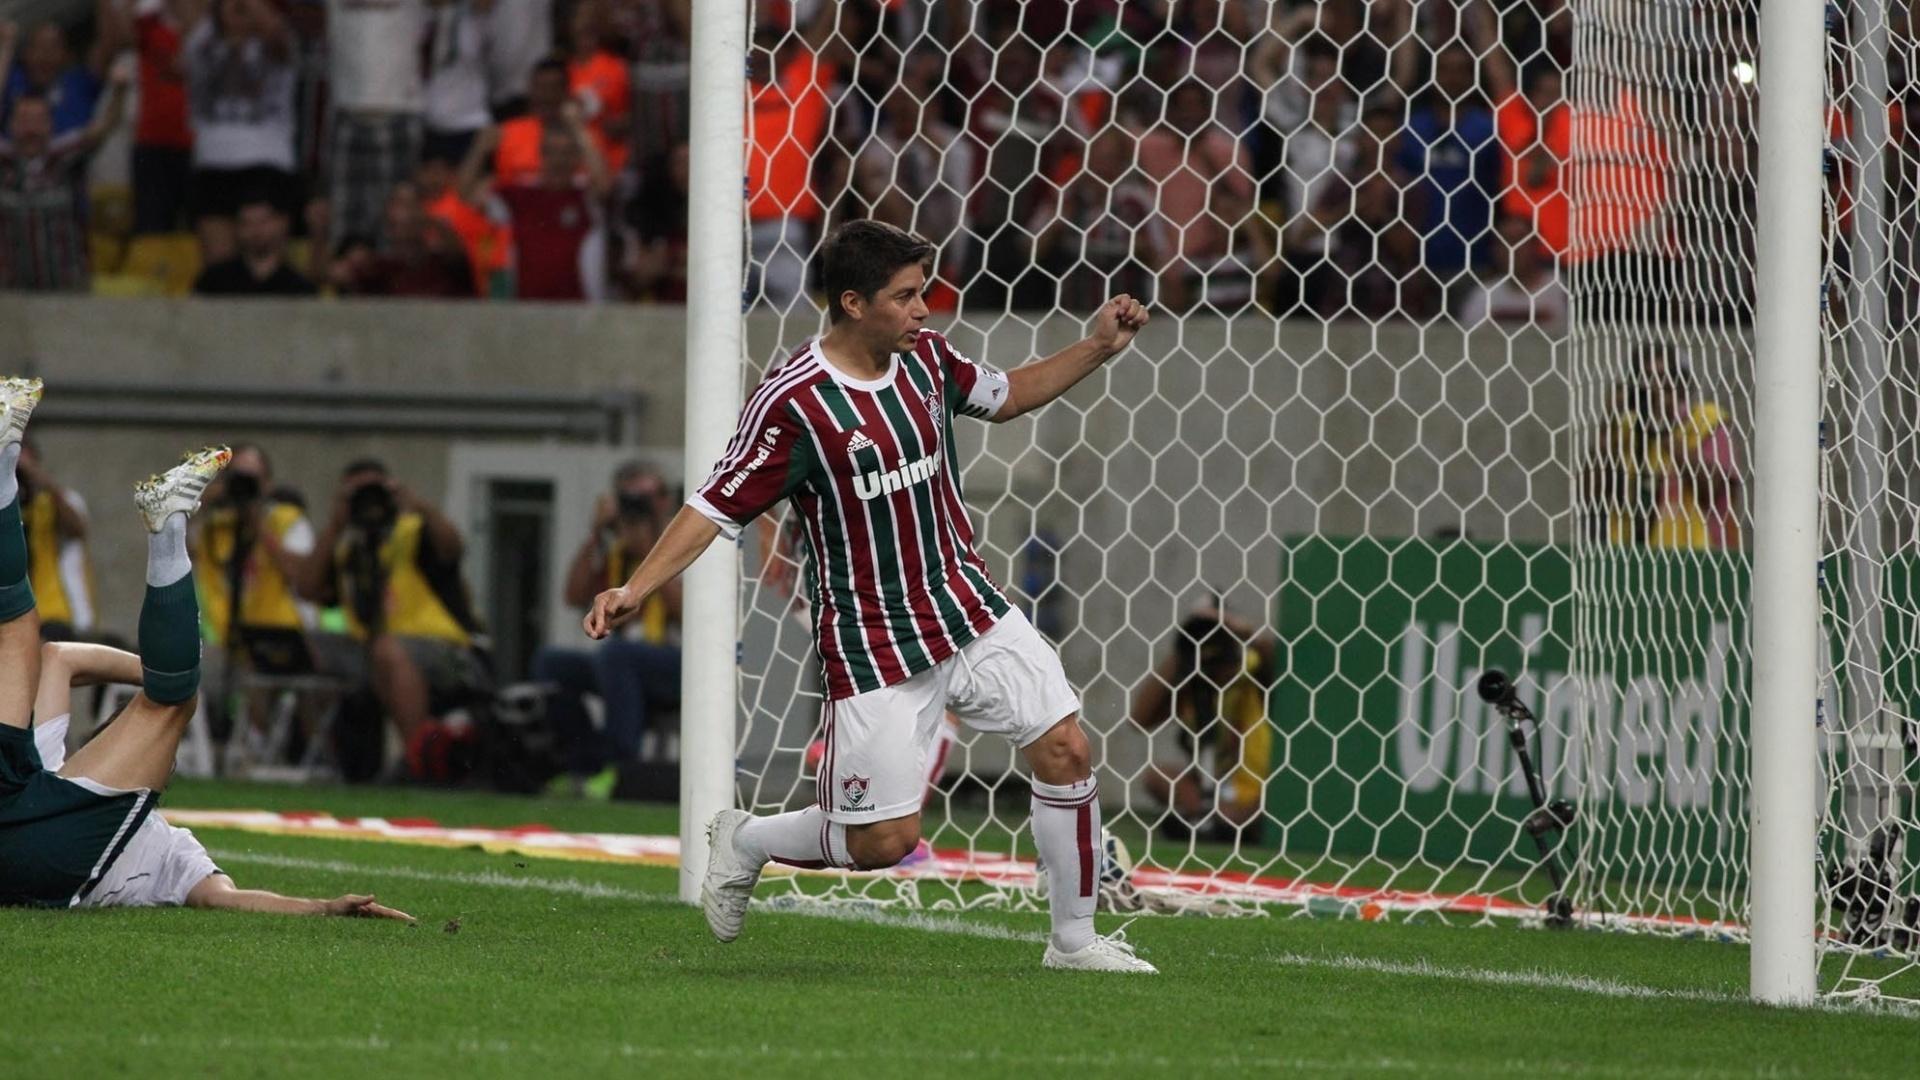 Conca comemora gol do Fluminense contra o Goiás pelo Campeonato Brasileiro